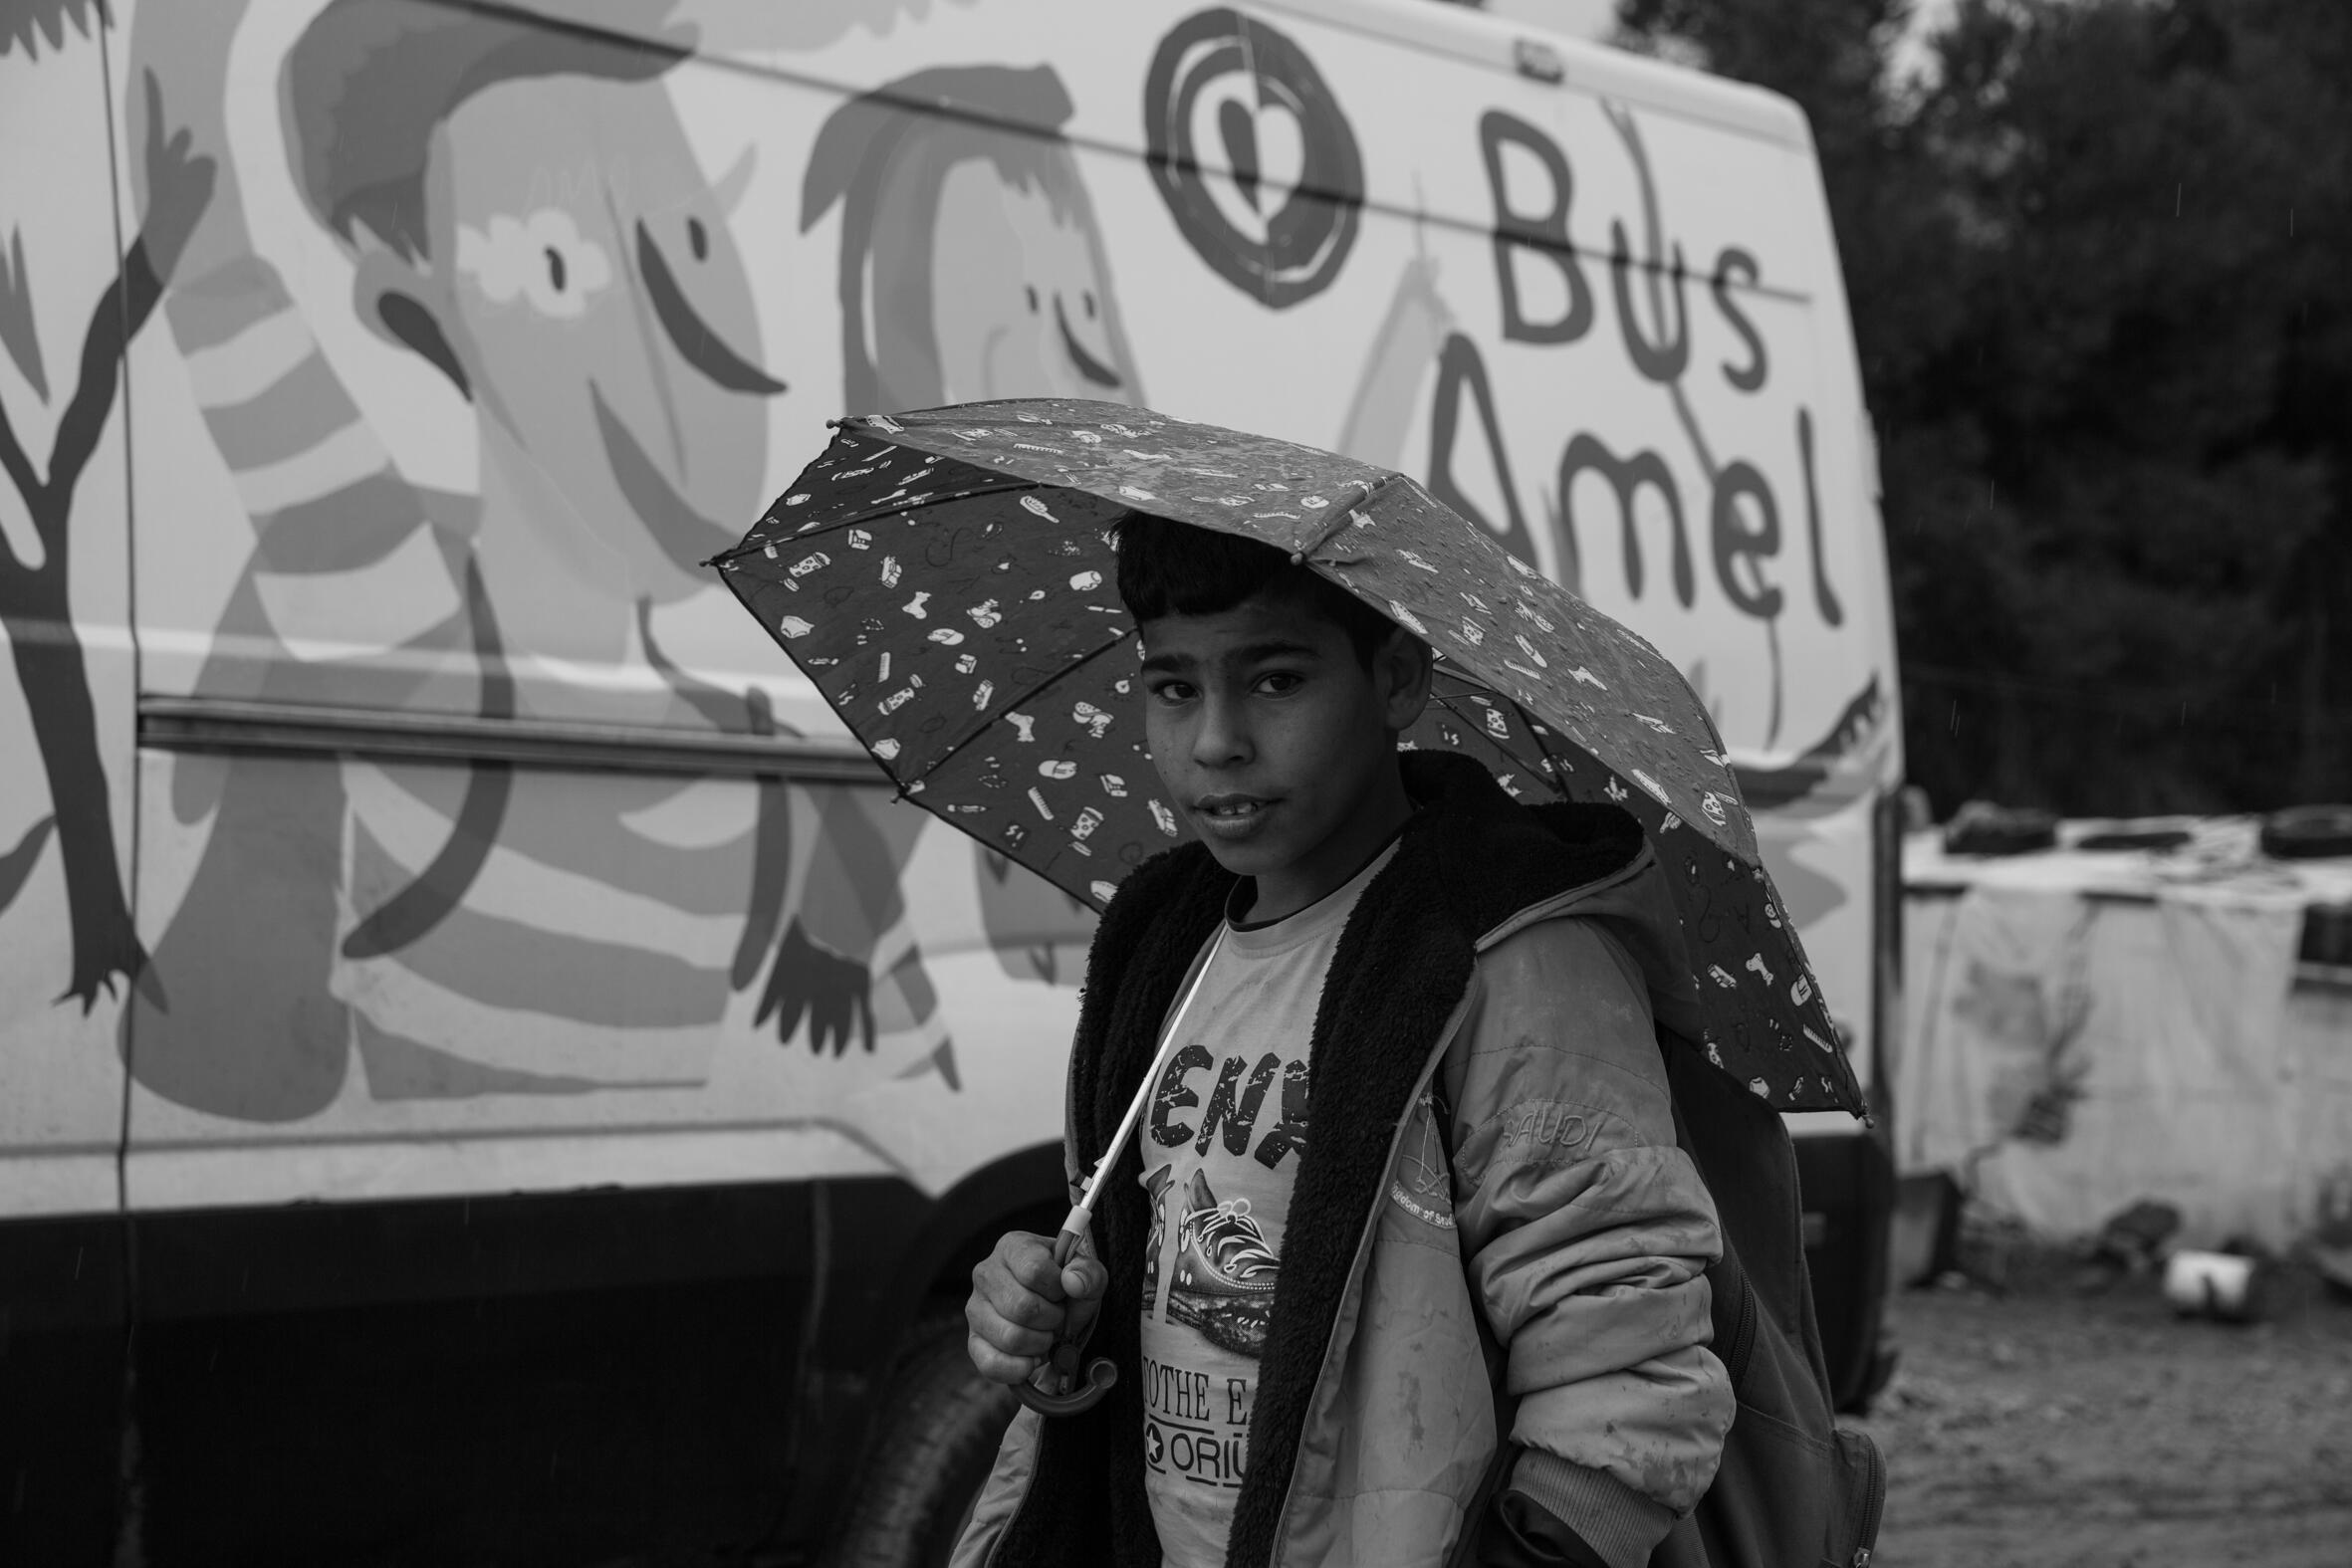 Le bus pédagogique de l'ONG Amel.